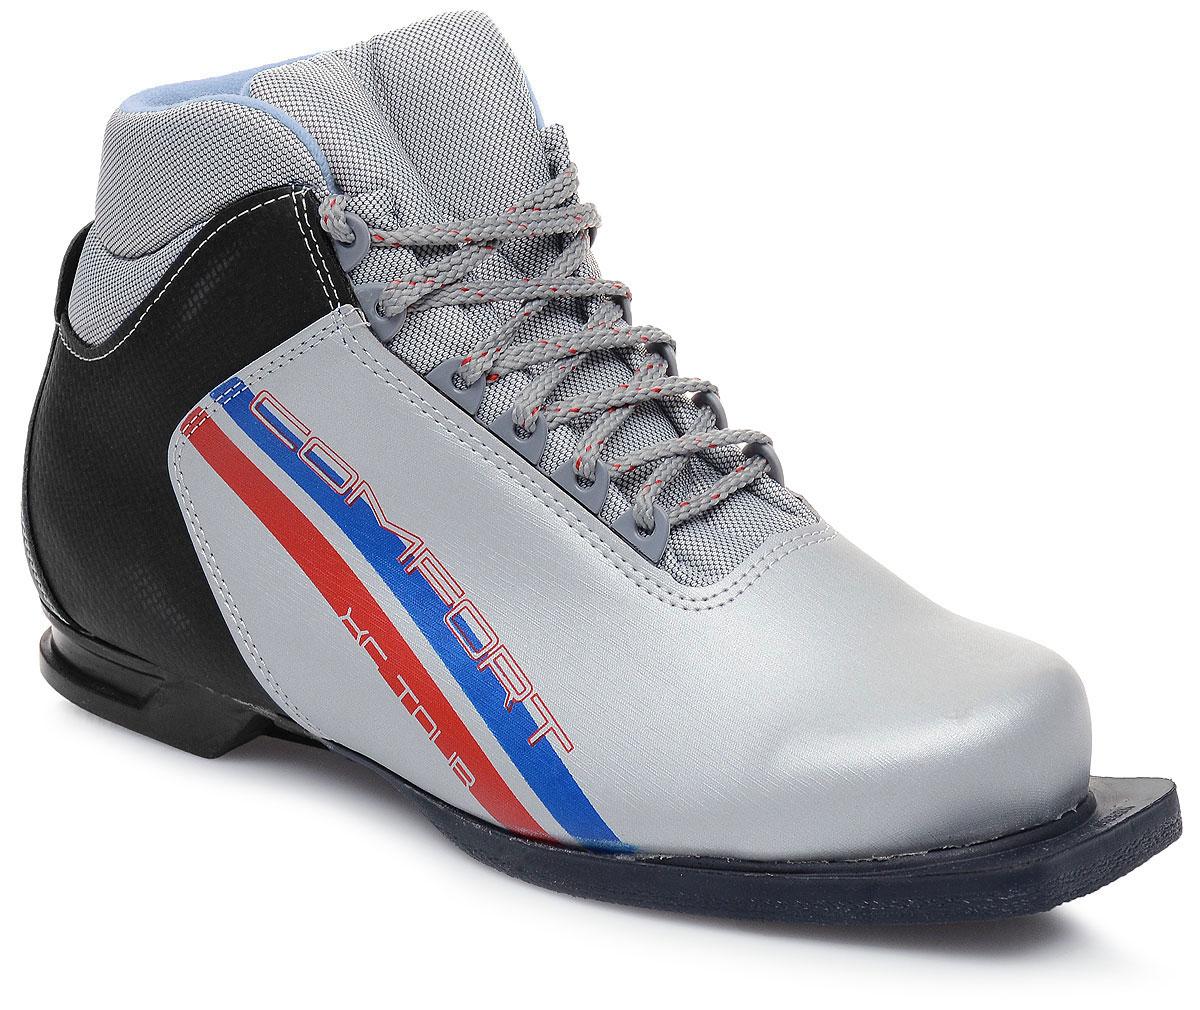 Лыжные ботинки Marax предназначены для активного отдыха. Модель изготовлена из морозостойкой искусственной кожи и текстиля. Подкладка  выполнена из искусственного меха и флиса, благодаря чему ваши ноги всегда  будут в тепле. Шерстяная стелька комфортна при беге. Вставка на заднике  обеспечивает дополнительную жесткость, позволяя дольше сохранять  первоначальную форму ботинка и предотвращать натирание стопы. Ботинки  снабжены шнуровкой с пластиковыми петлями и язычком-клапаном, который  защищает от попадания снега и влаги. Подошва системы 75 мм из  двухкомпонентной резины является надежной и весьма простой системой  крепежа и позволяет безбоязненно использовать ботинок до -25°С. В таких лыжных ботинках вам будет комфортно и уютно.